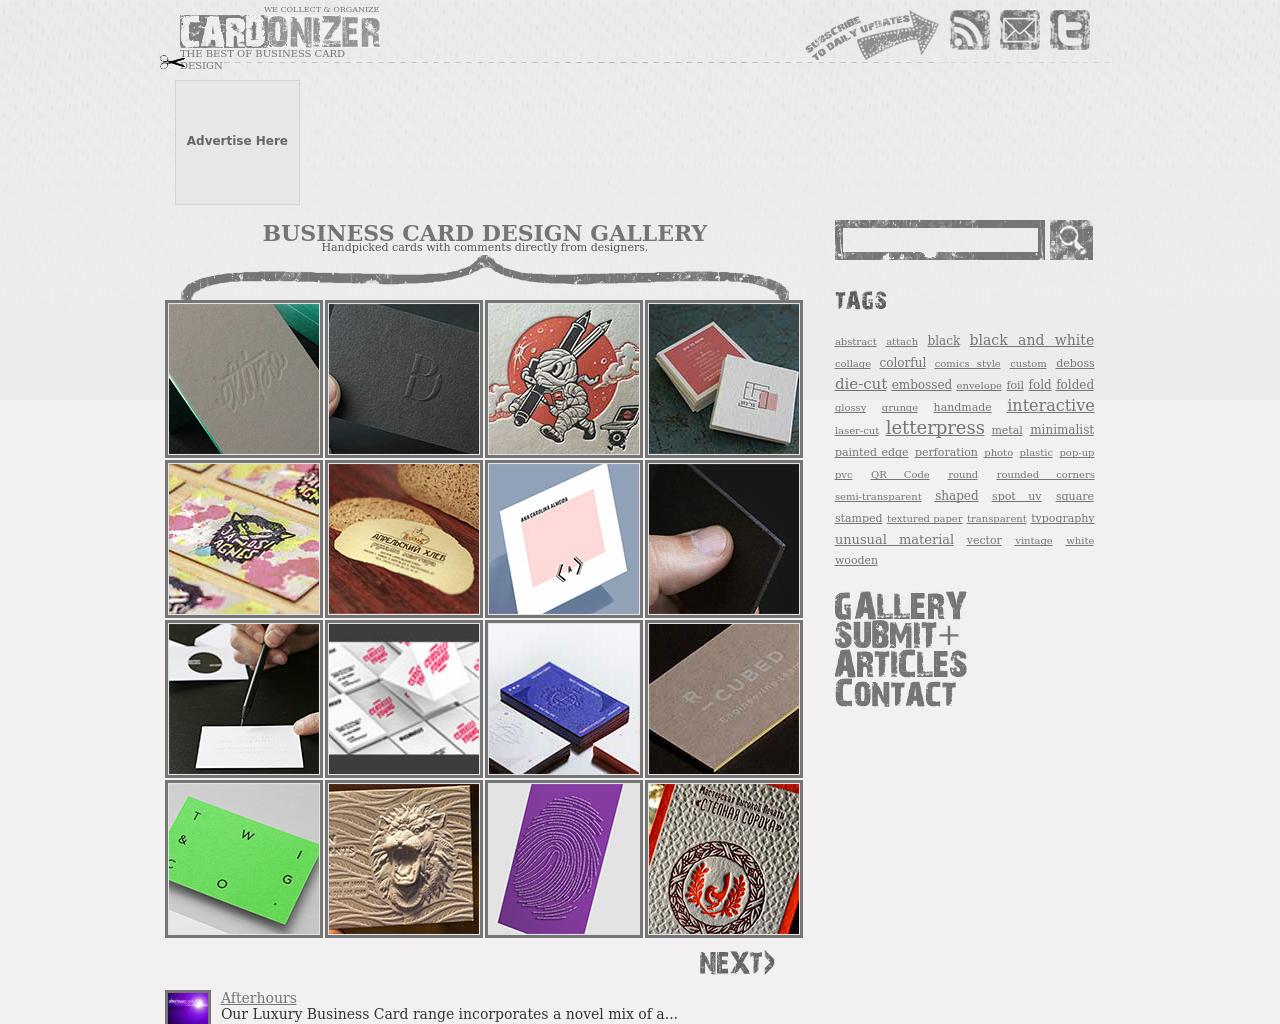 CARDONIZER-Advertising-Reviews-Pricing